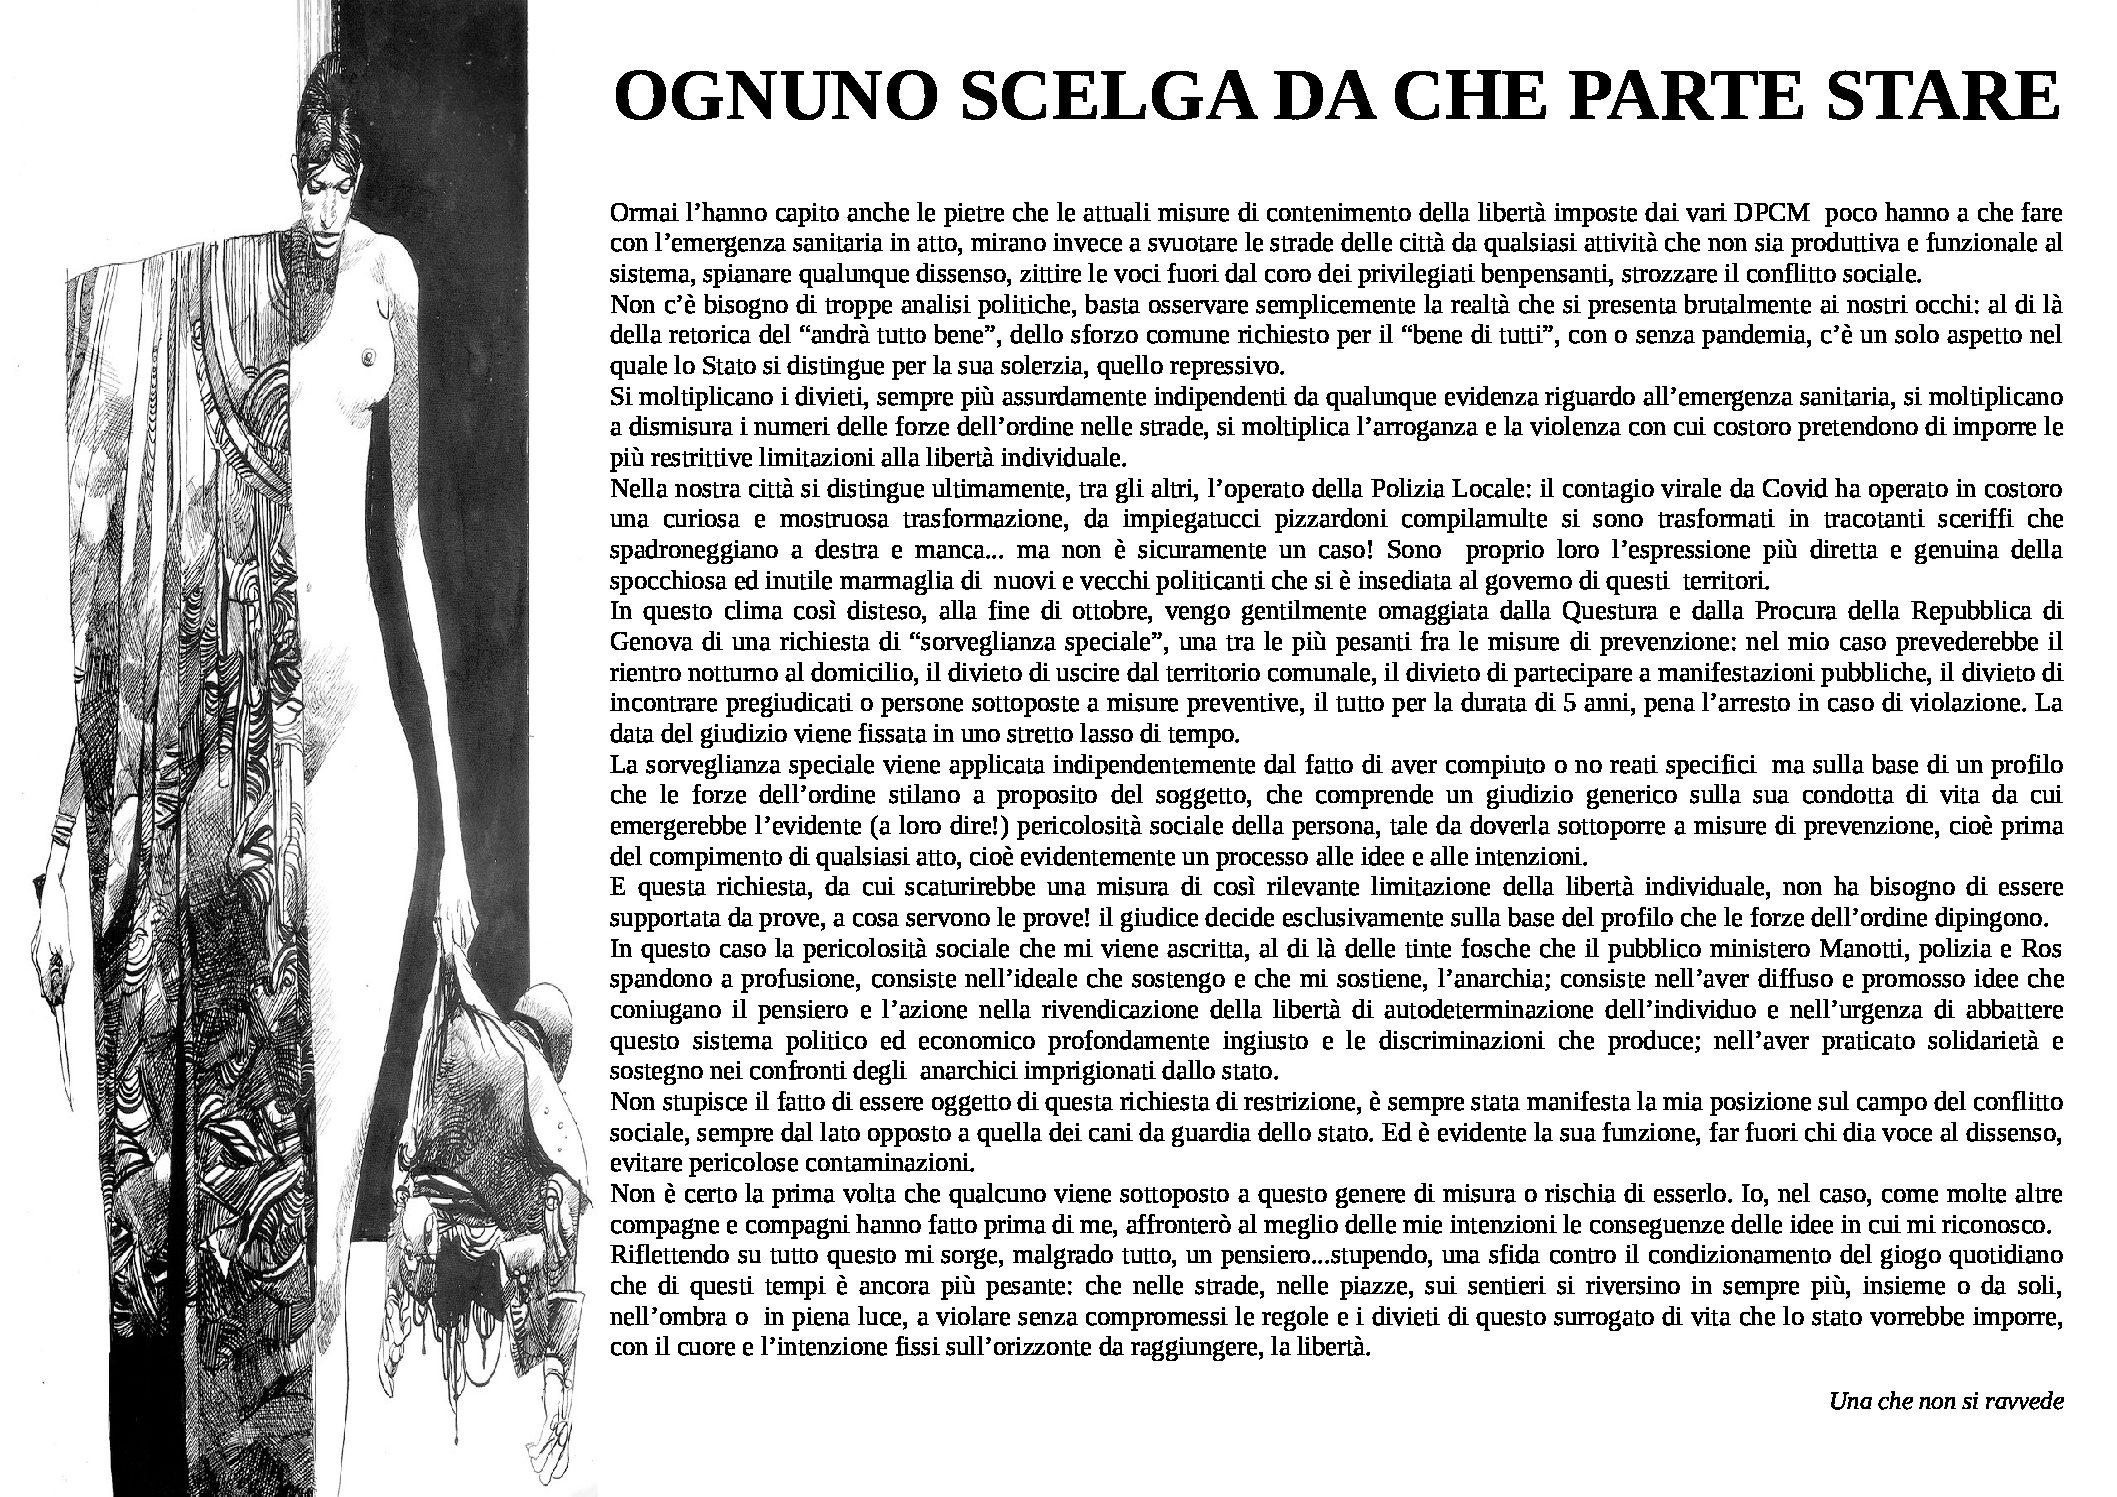 Genova: Ognuno scelga da che parte stare